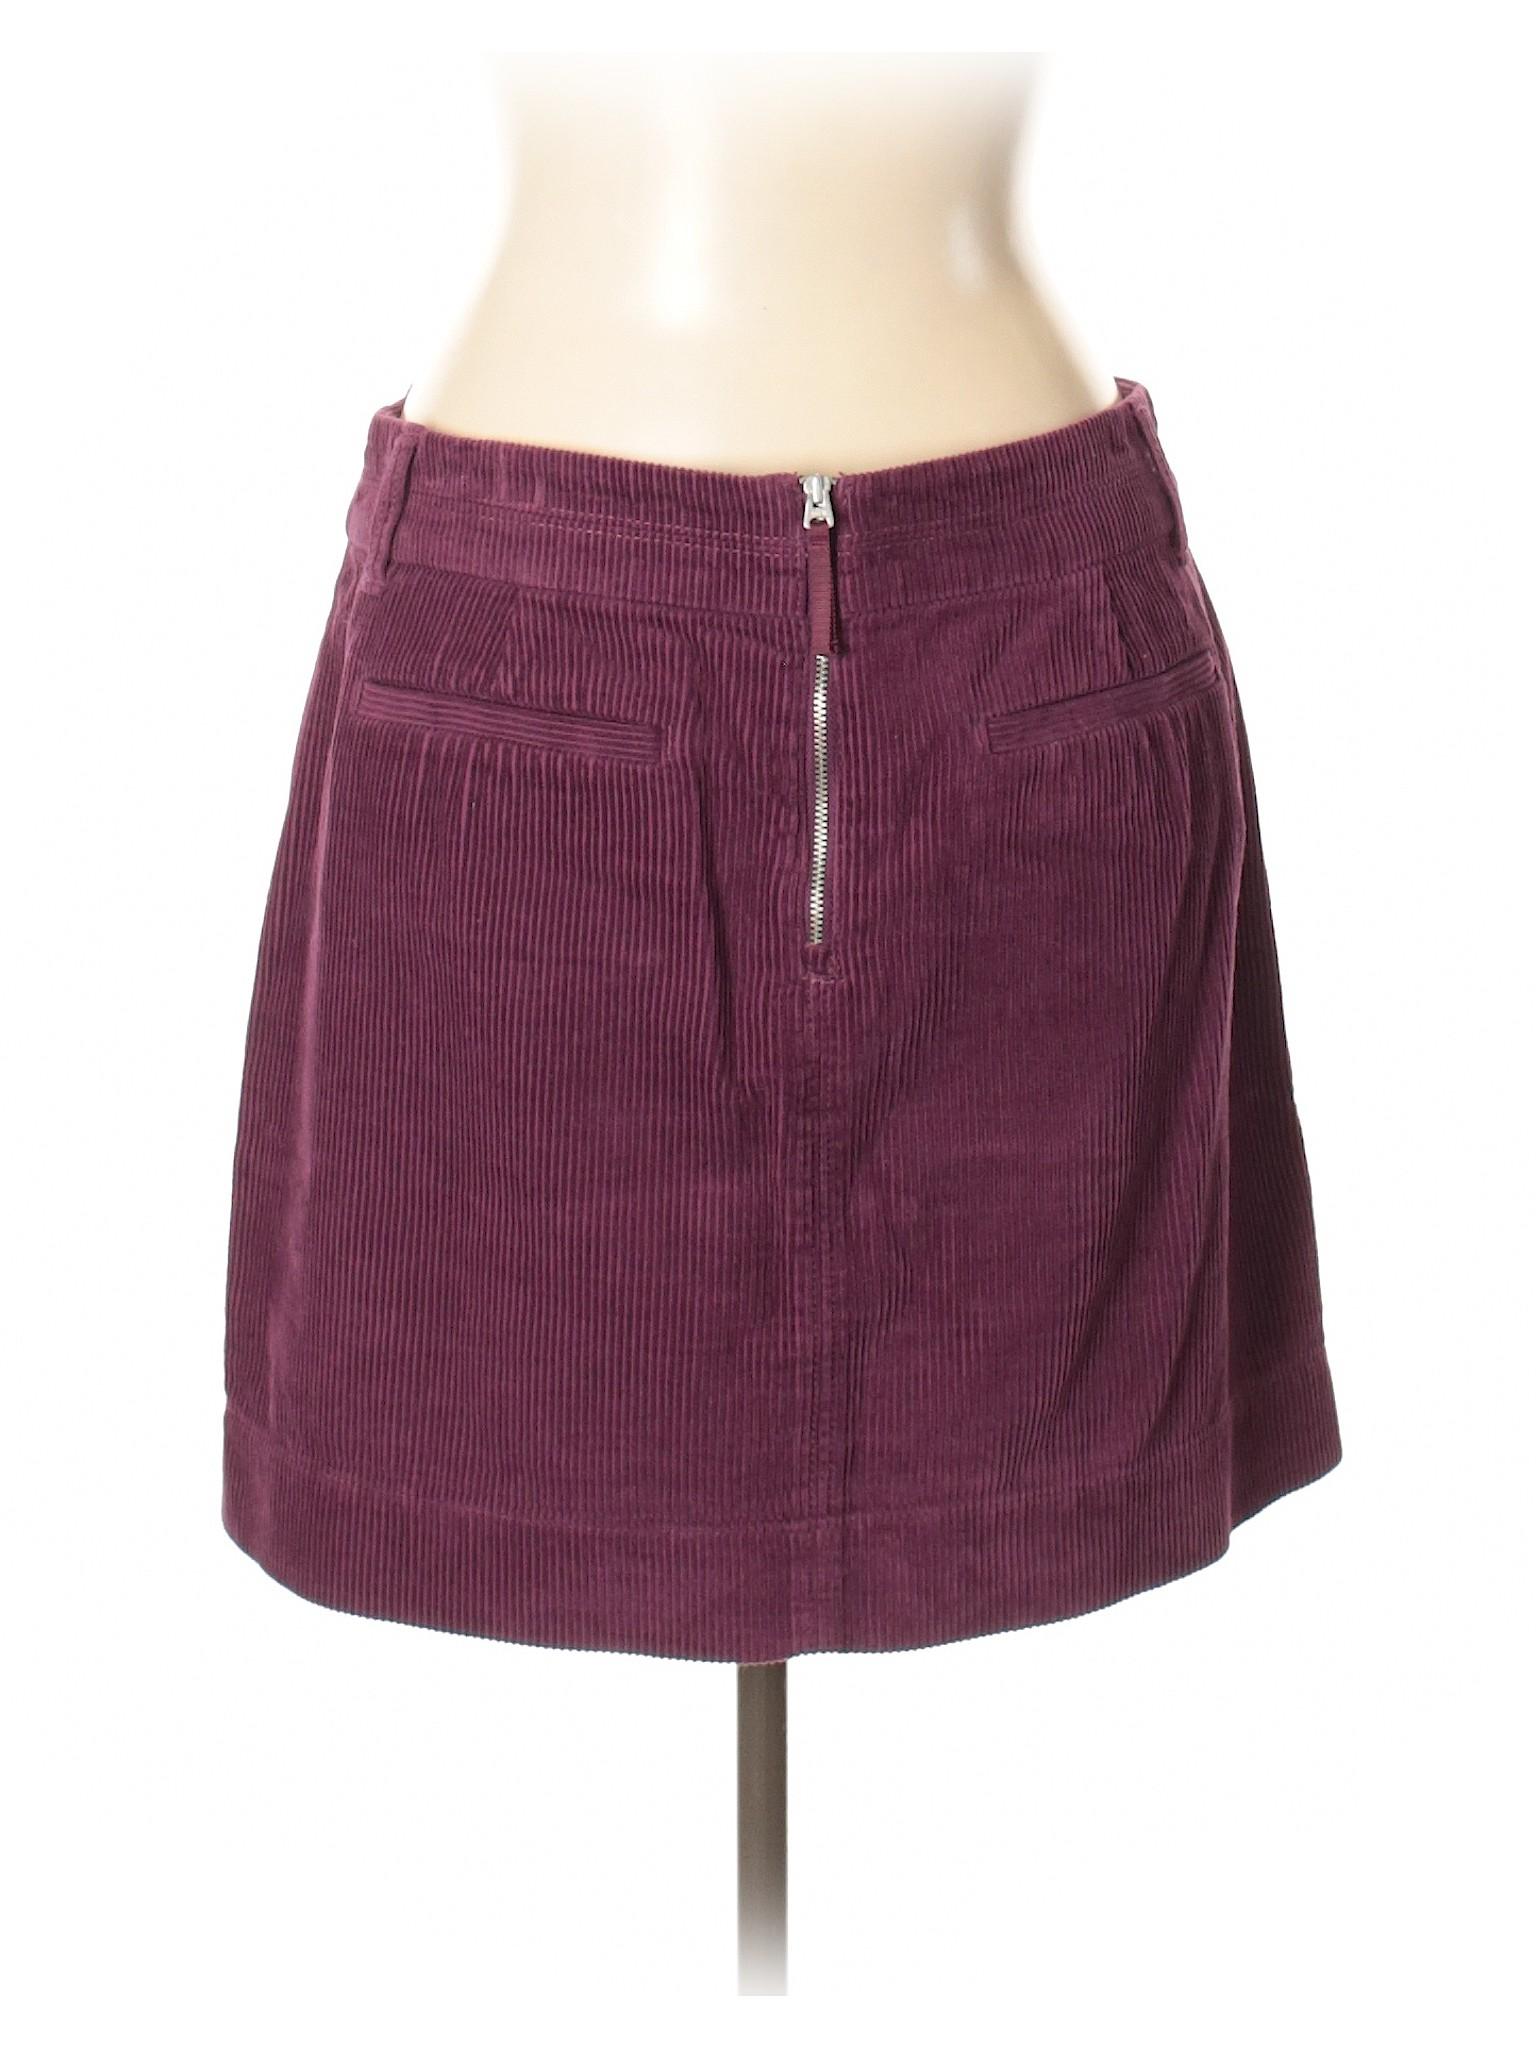 Boutique Skirt Casual Casual Skirt Boutique Skirt Casual Boutique RR67qr4